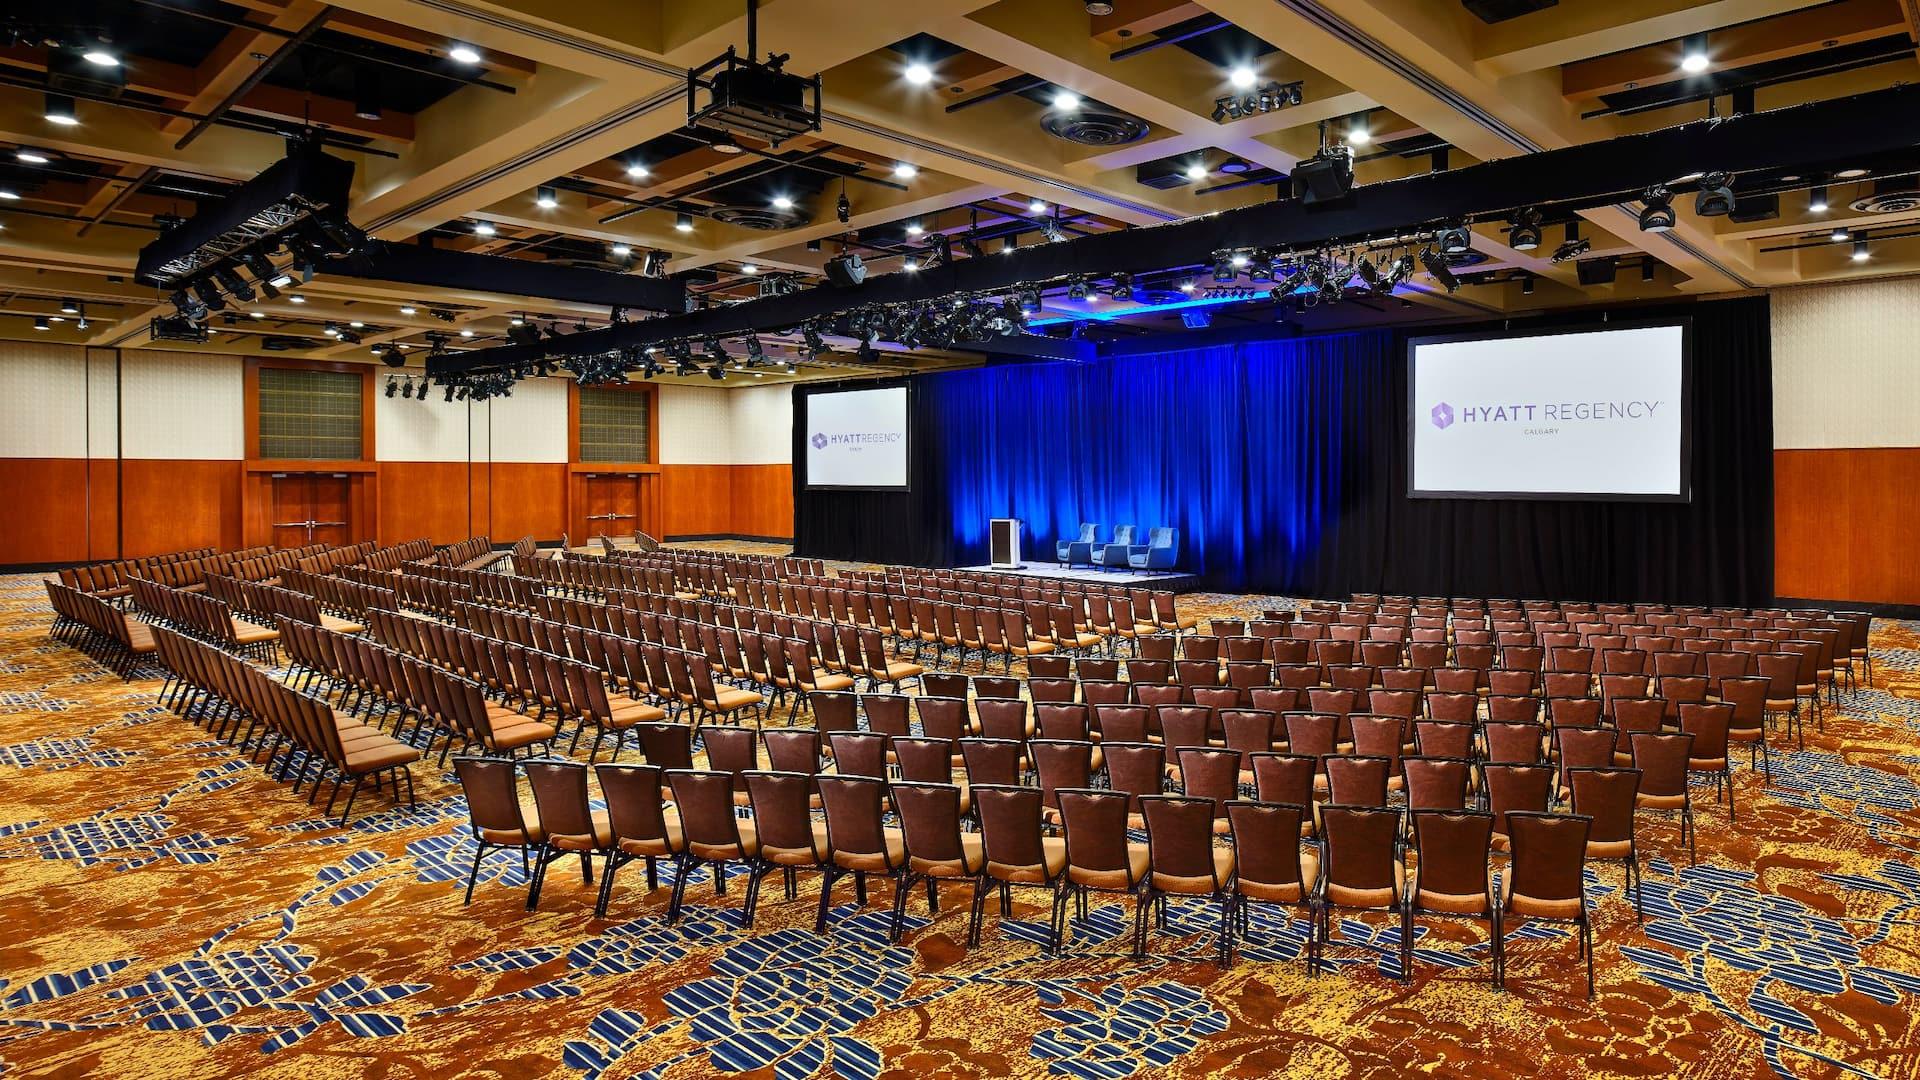 Hyatt Regency Calgary Theater Meeting Rooms